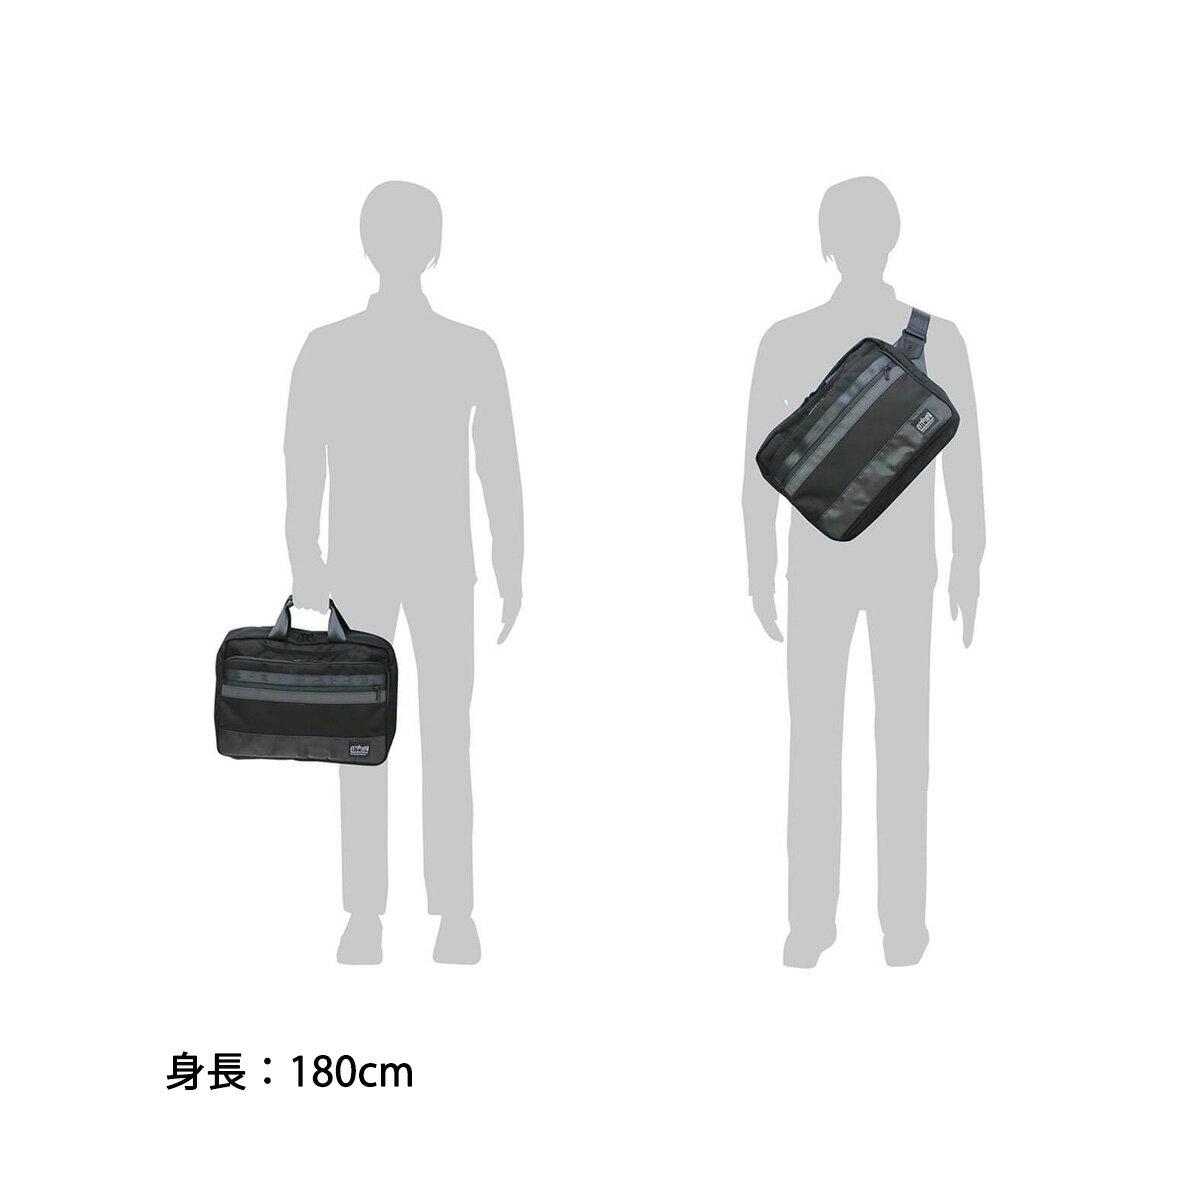 【エントリーで11倍★Rカードで13倍 5/16限定】【日本正規品】マンハッタンポーテージ ブラックレーベル ビジネスバッグ Manhattan Portage BLACK LABEL 2WAYメッセンジャーブリーフ BRYANT PARK BRIEFCASE ブリーフケース B4 通勤 メンズ MP1472BL